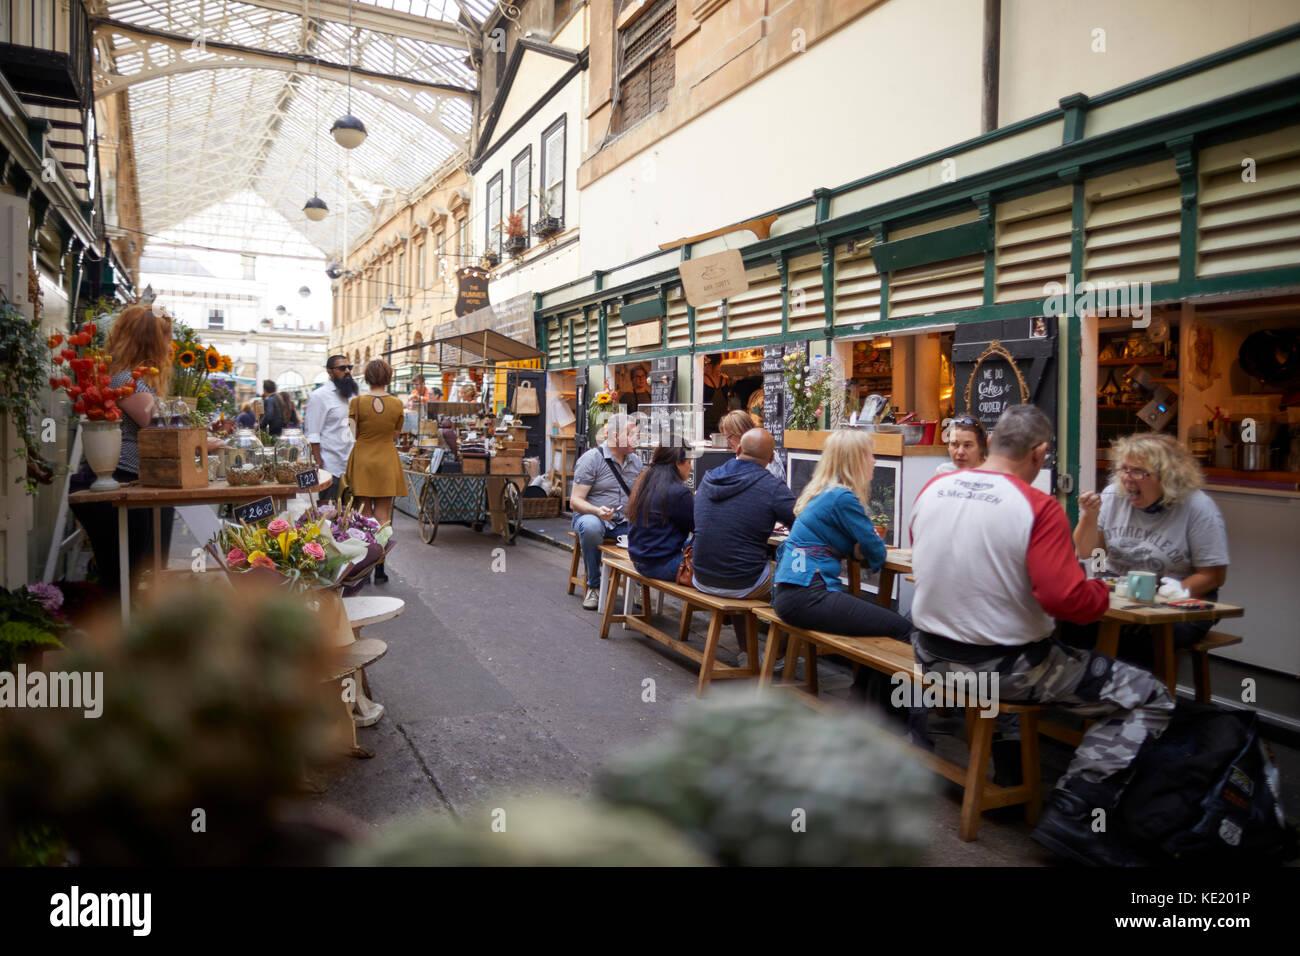 Bristol city socialising